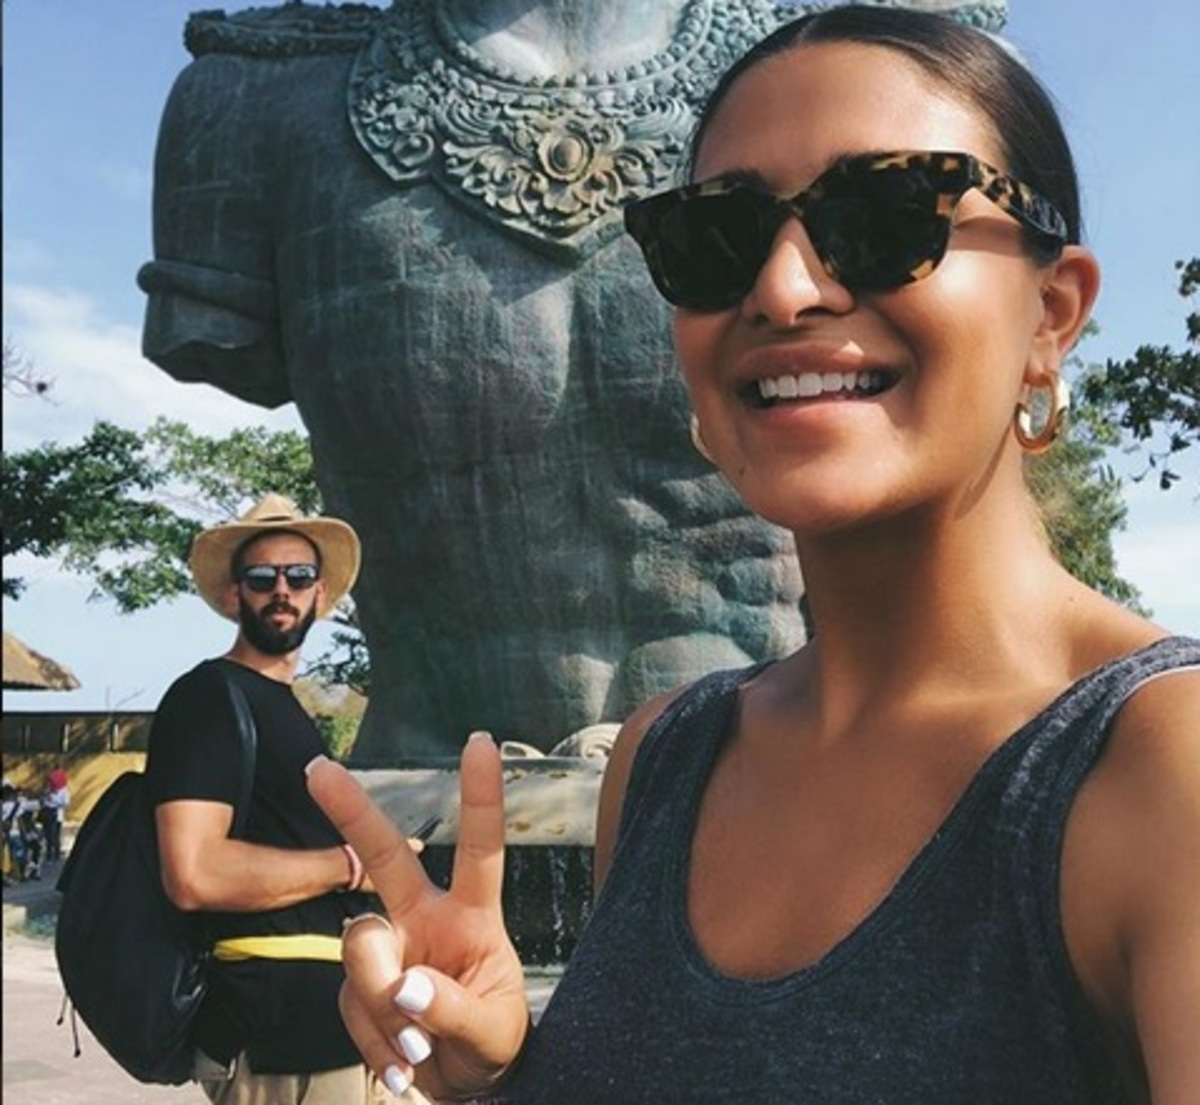 Βλάντο Γιάνκοβιτς – Έλενα Παπαδοπούλου: Nέες φωτογραφίες από το μαγικό ταξίδι τους στο Μπαλί! | Newsit.gr